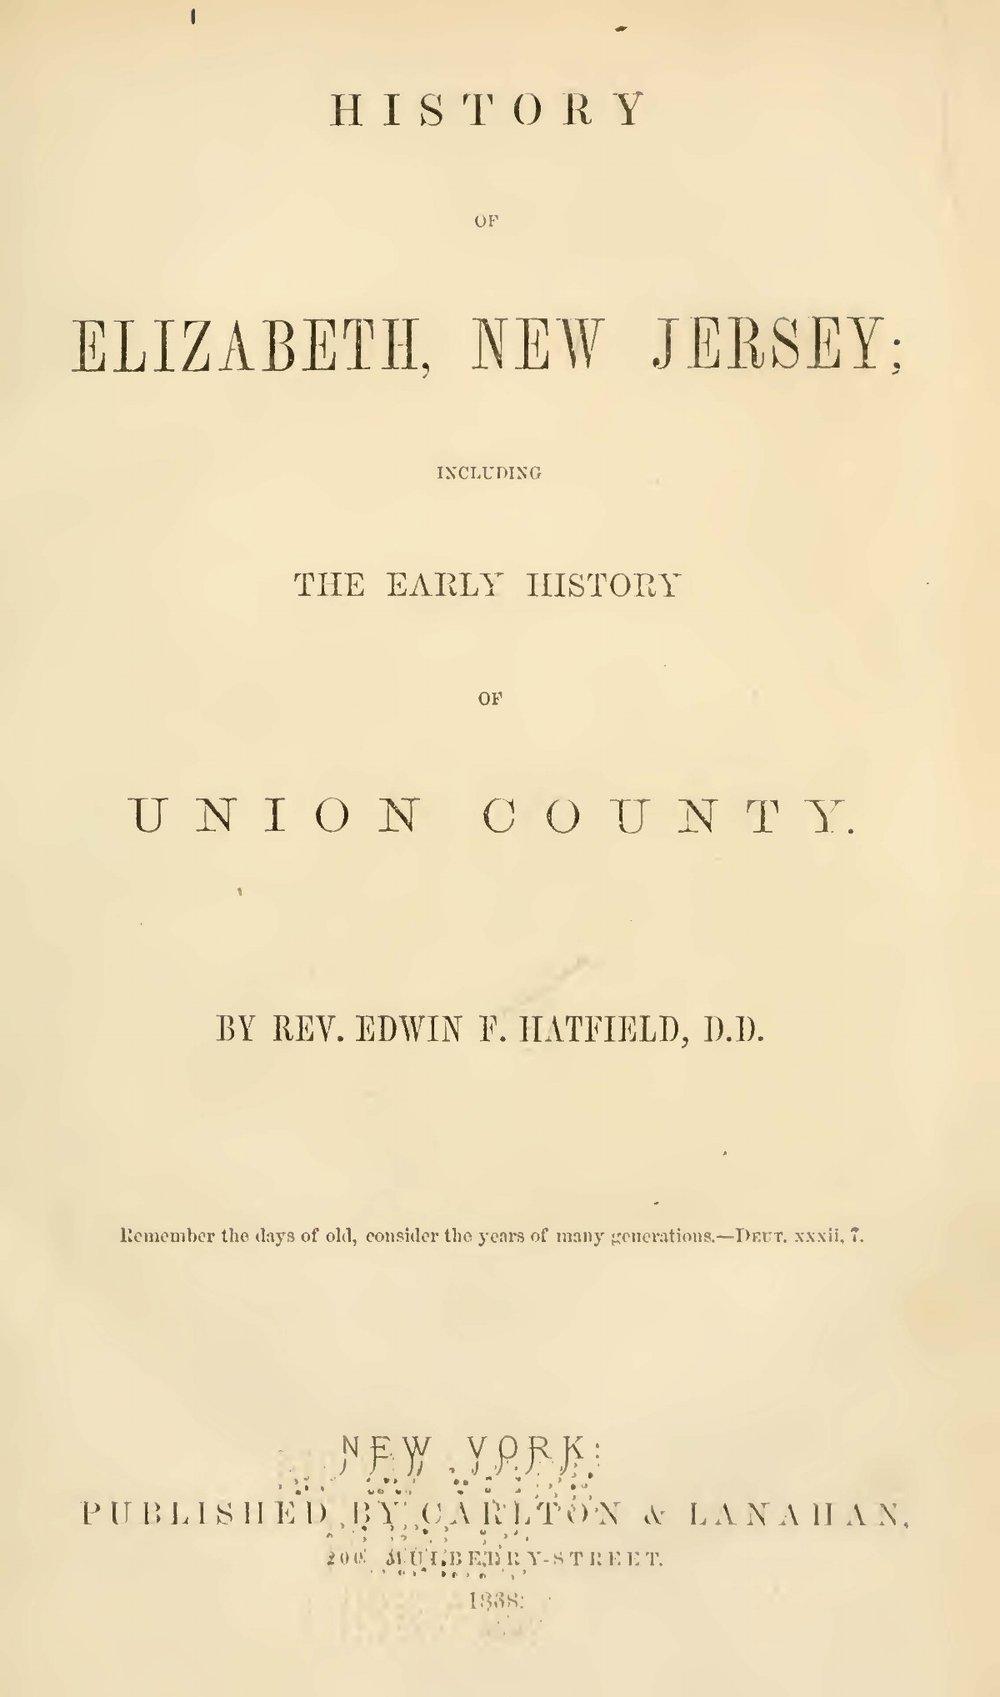 Hatfield, Edwin Francis, History of Elizabeth, New Jersey Title Page.jpg